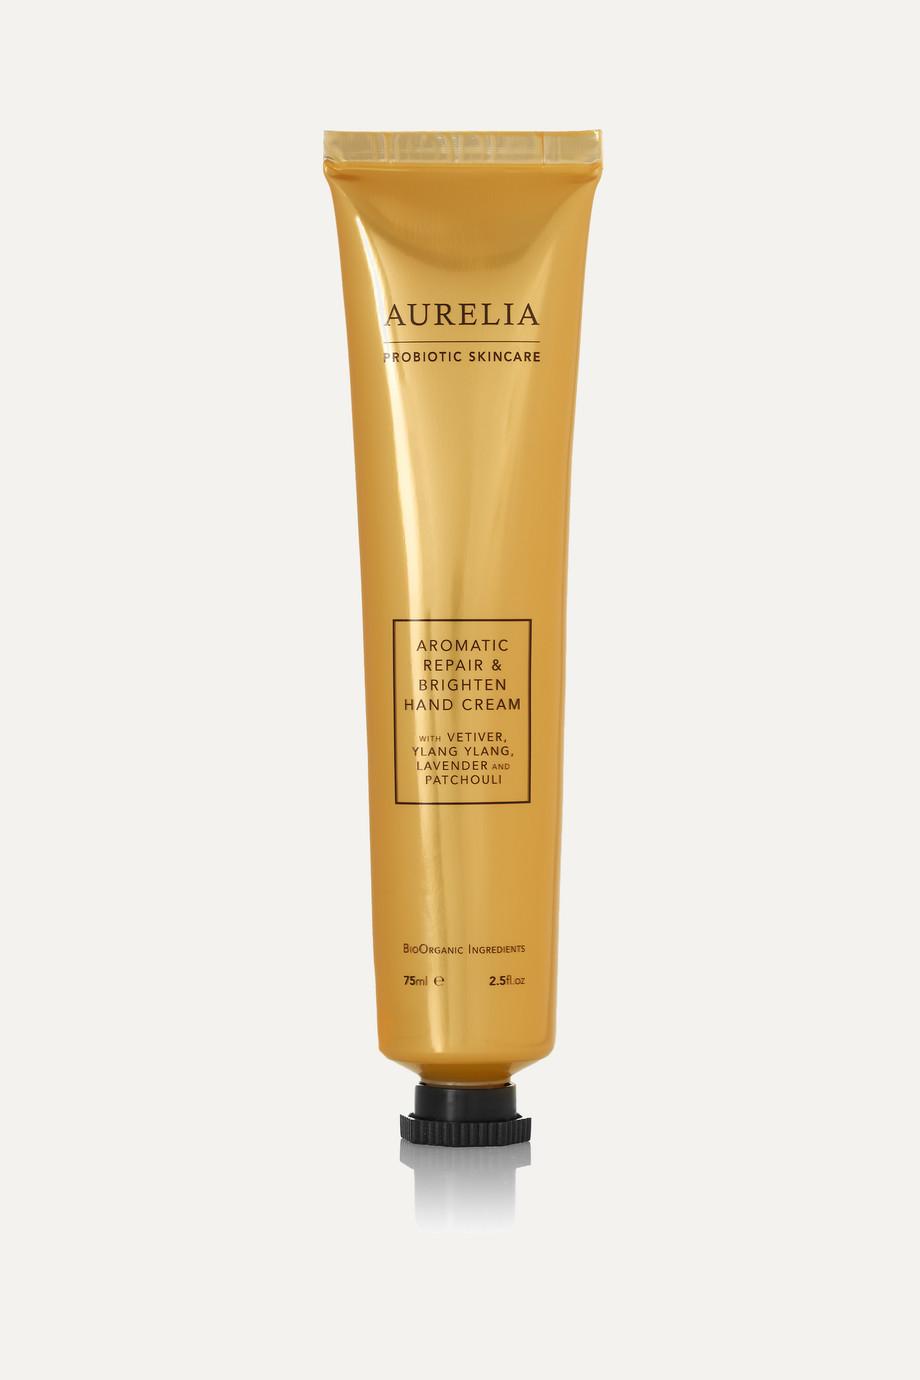 Aromatic Repair & Brighten Hand Cream, 75ml, by Aurelia Probiotic Skincare